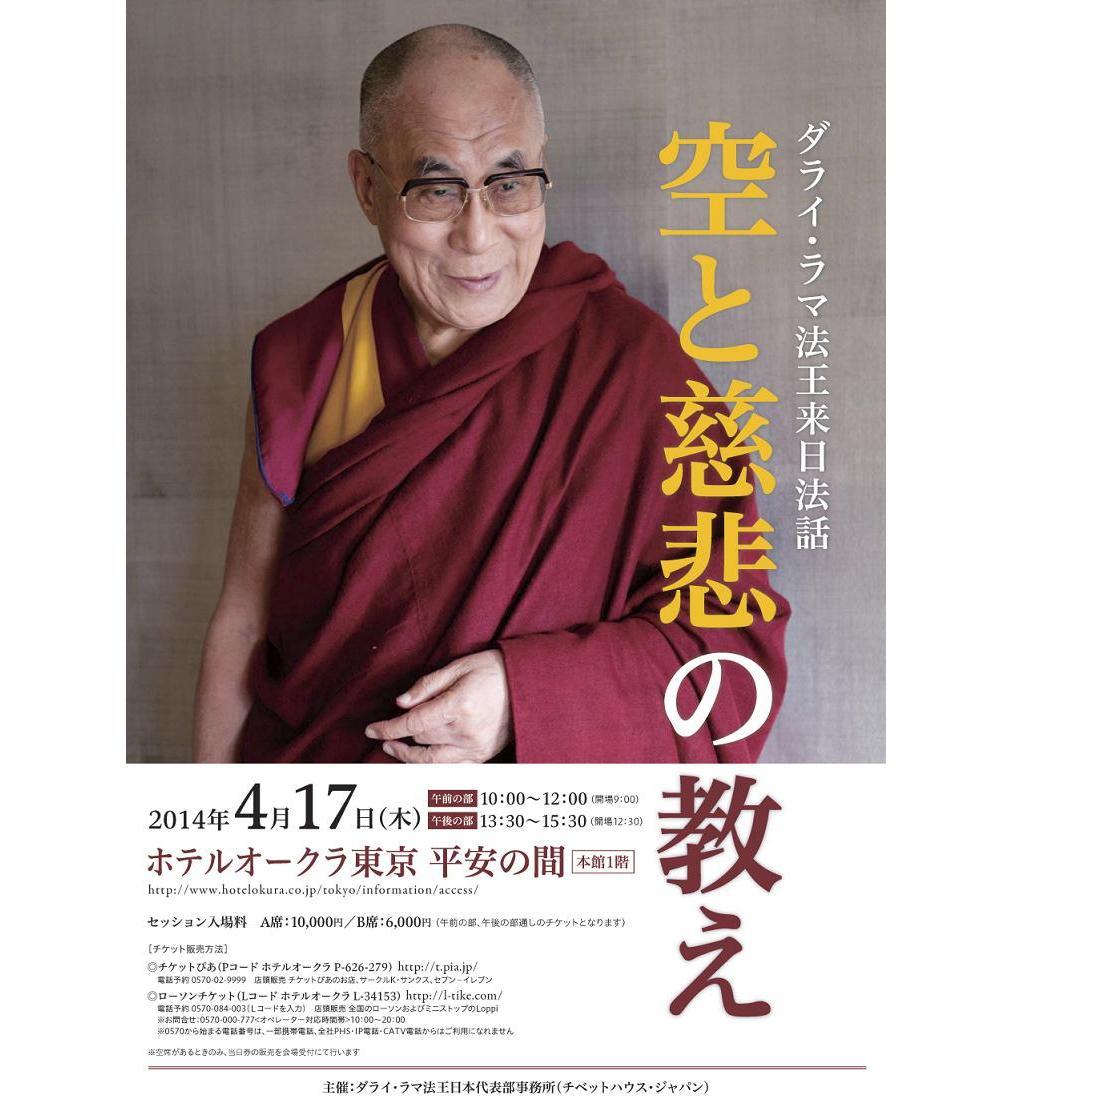 ダライ・ラマ法王様再来日!4/17(木)東京法話開催「空と慈悲の教え」